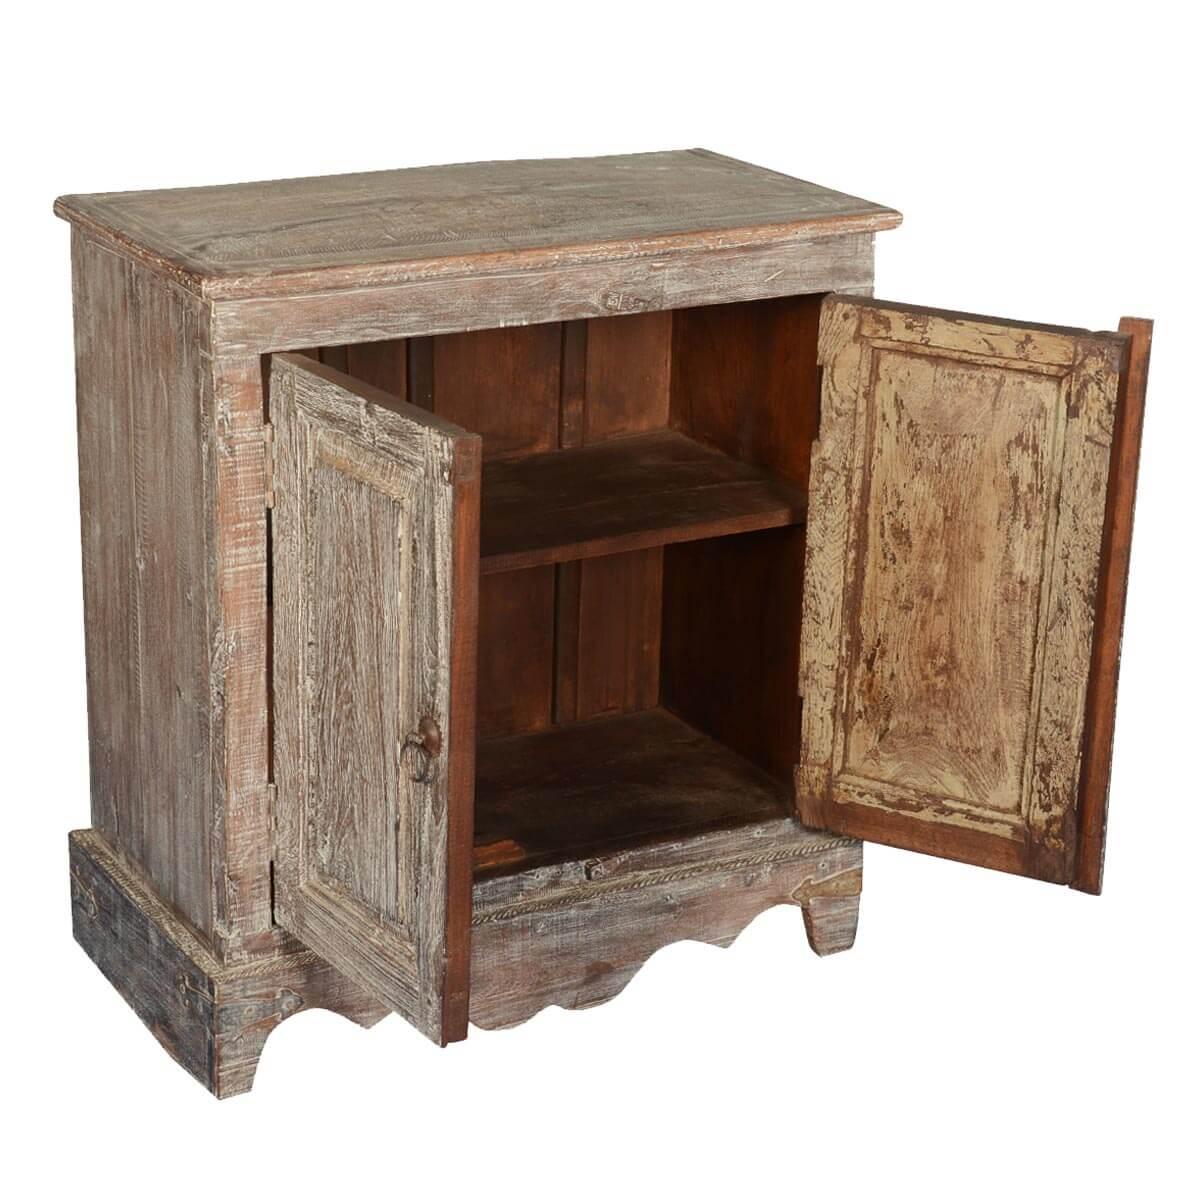 Pennsylvania Dutch Rustic Reclaimed Wood 2 Door Cabinet